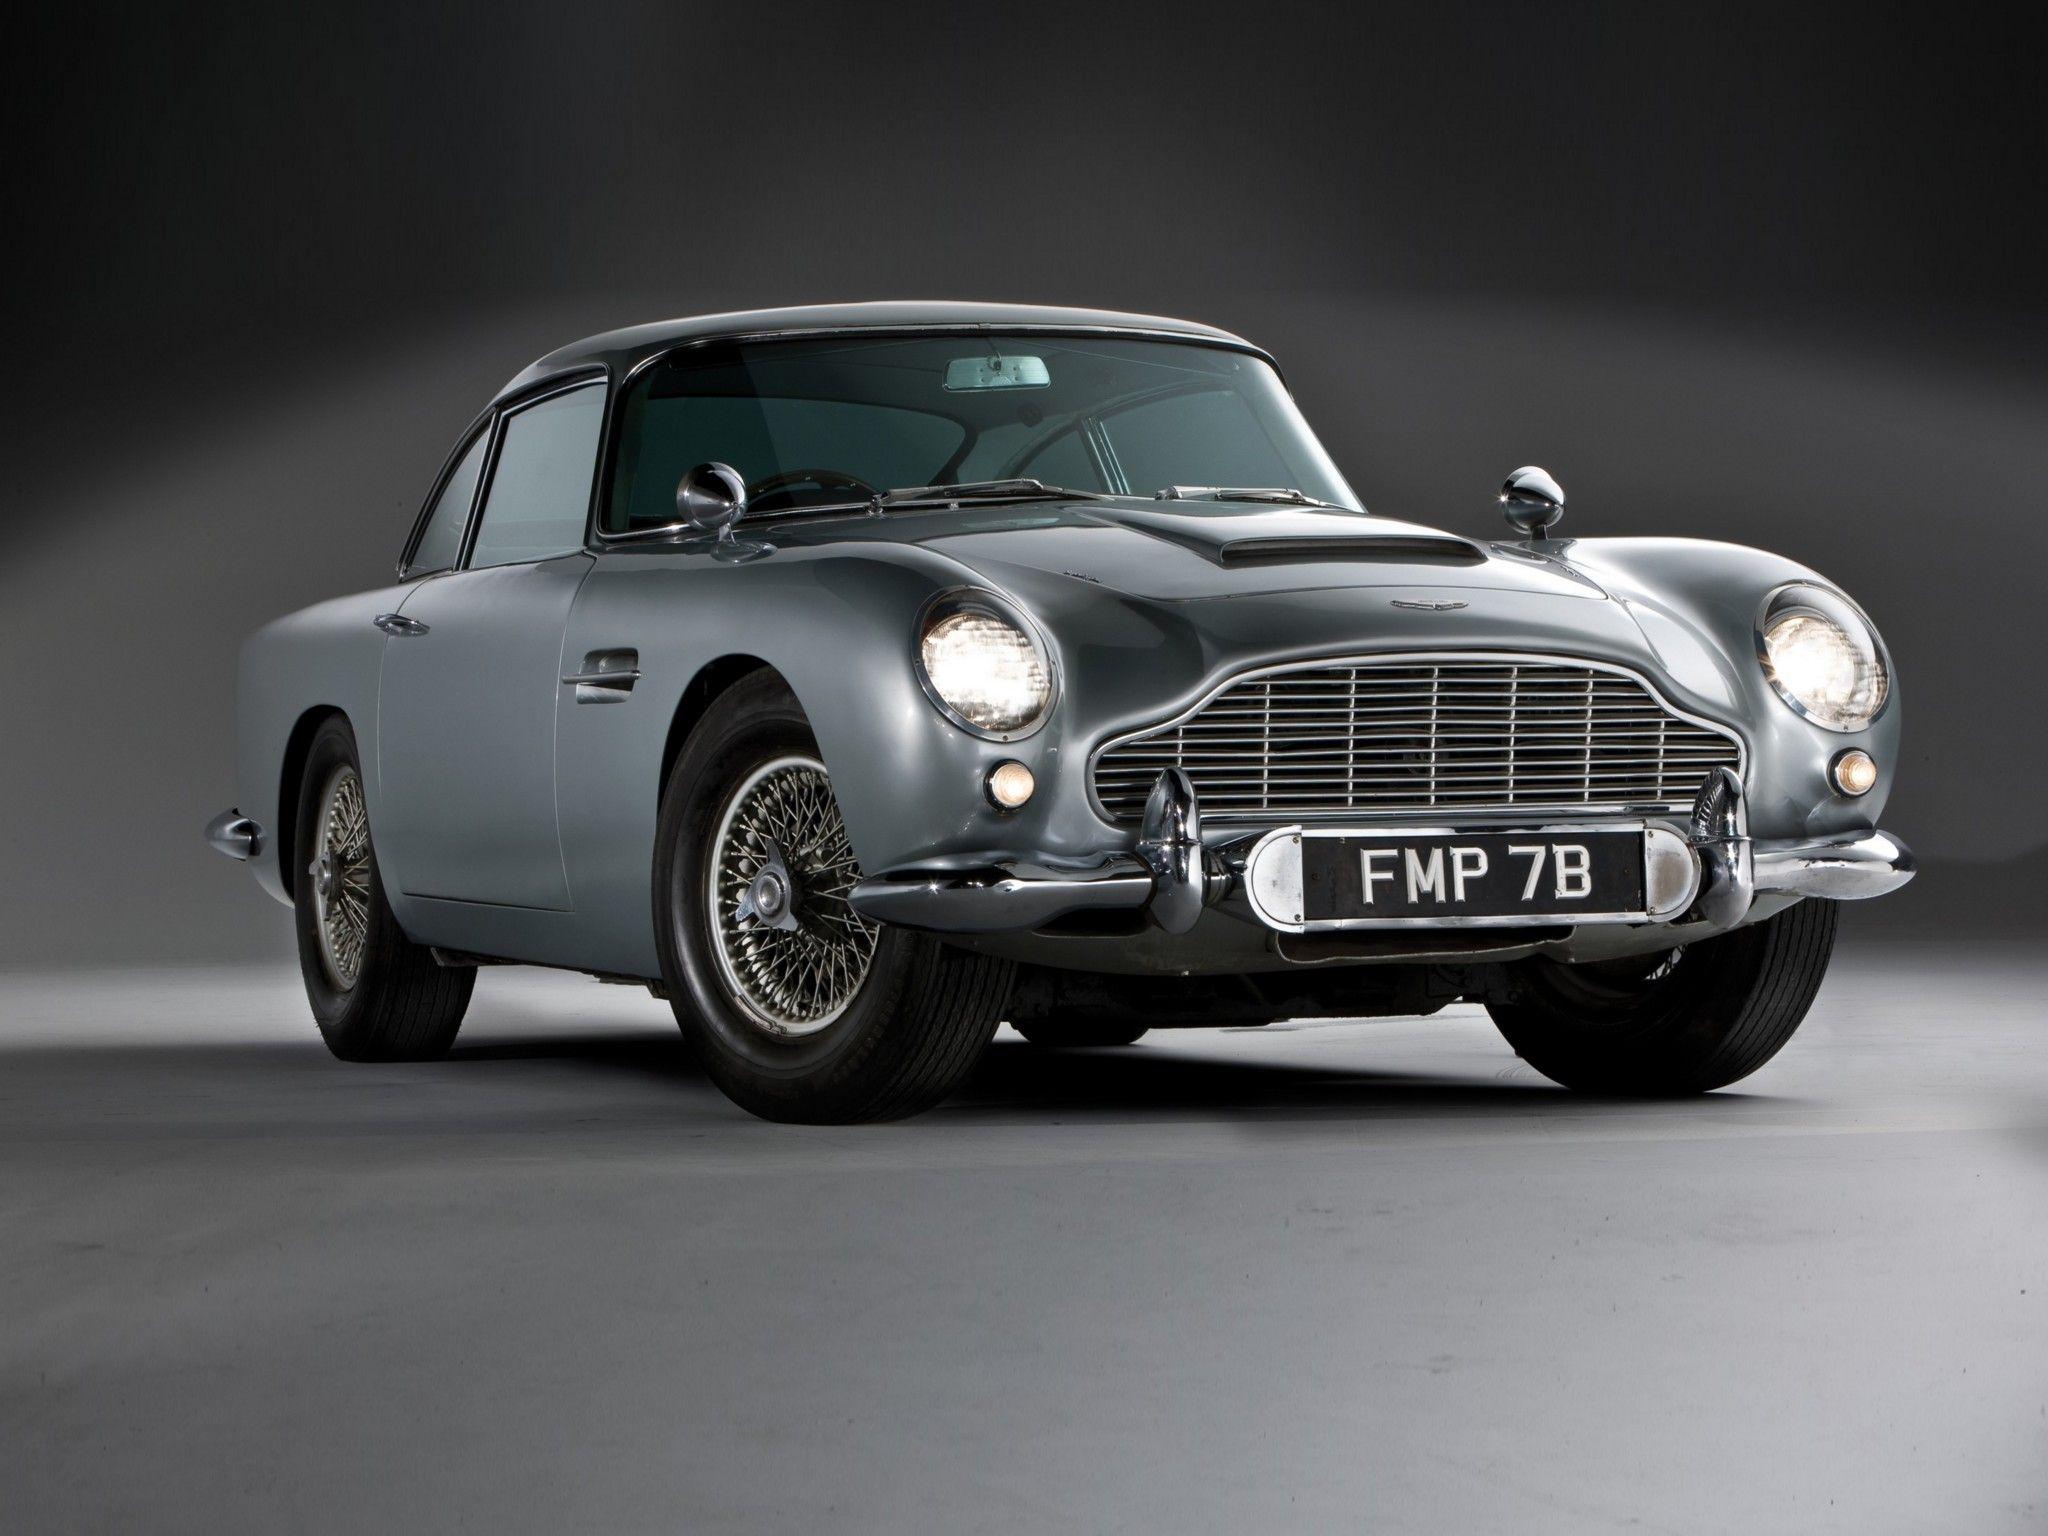 Aston Martin Db5 James Bond Edition Aston Martin Db5 Aston Martin Voiture